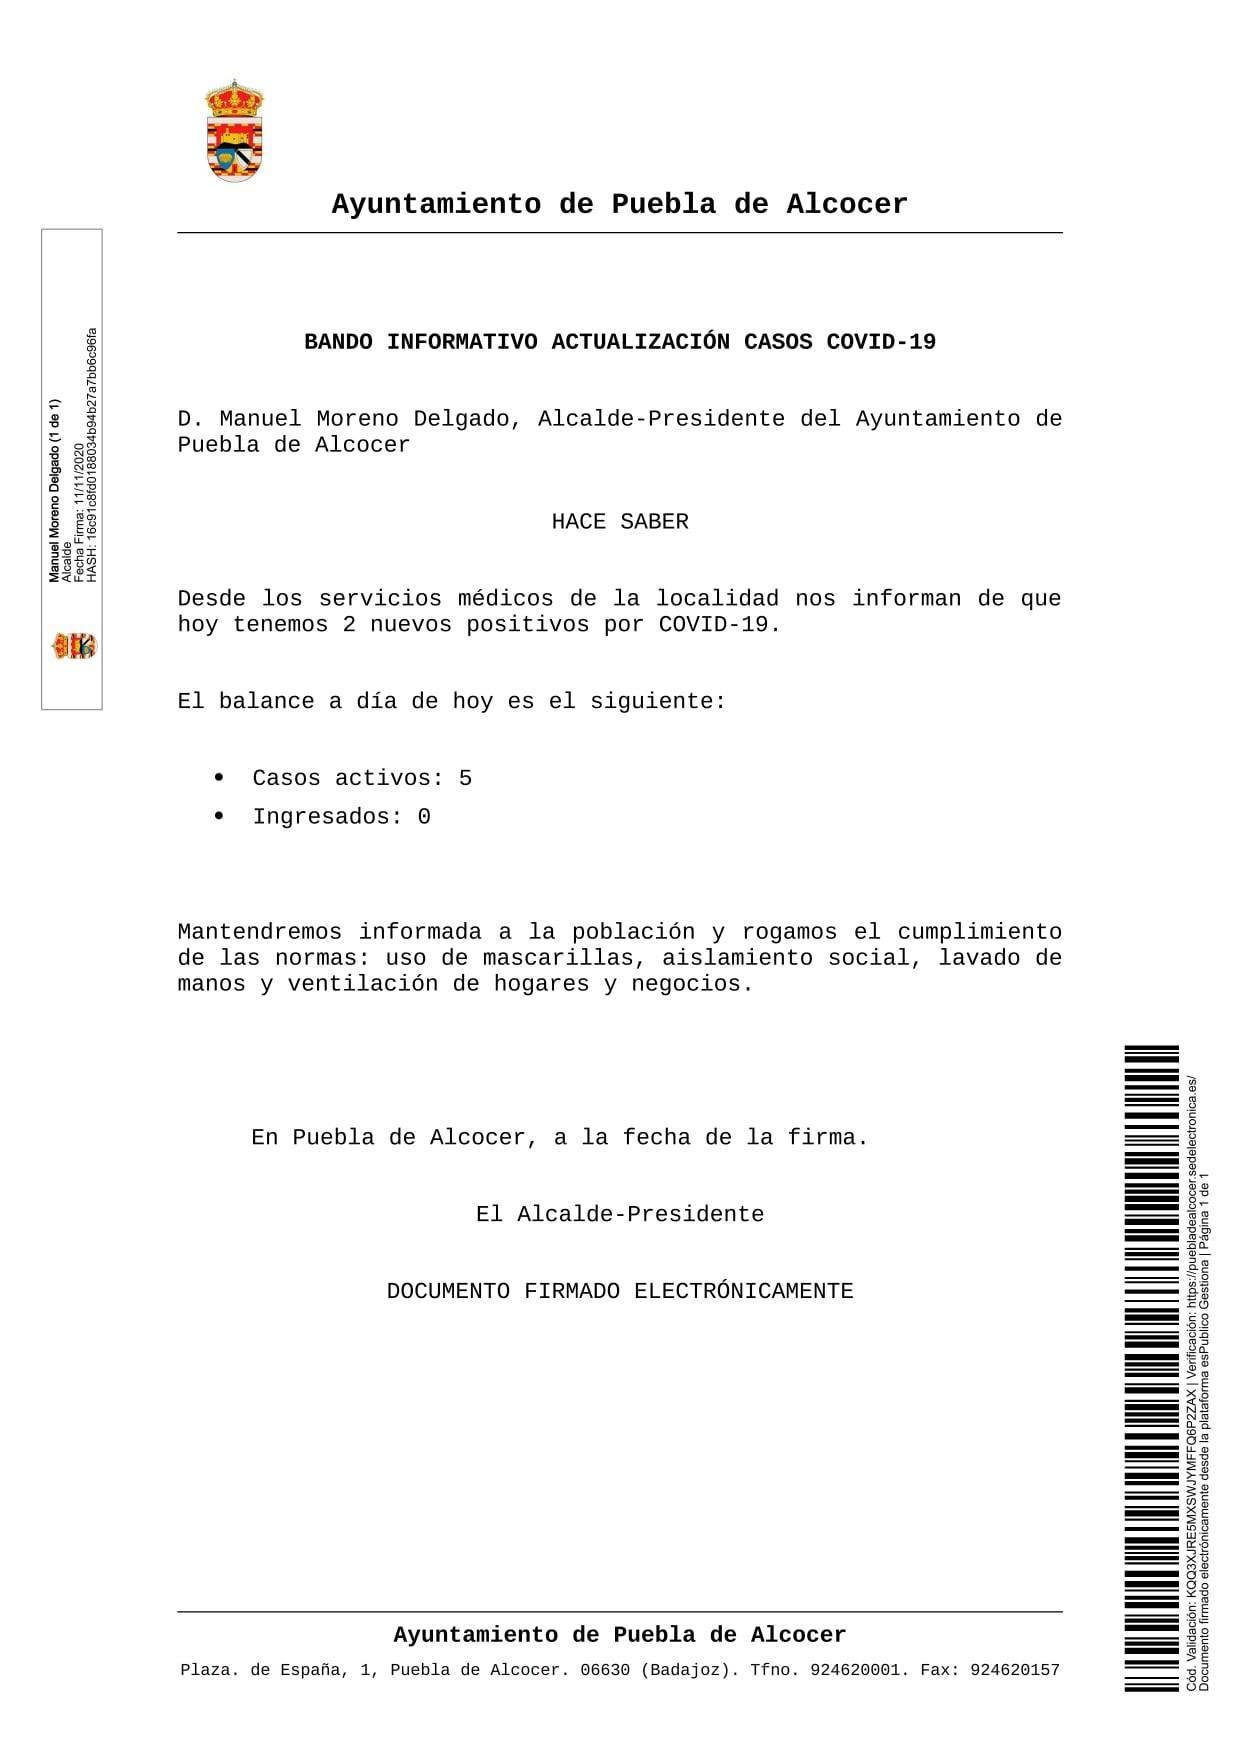 2 nuevos casos positivos de COVID-19 (noviembre 2020) - Puebla de Alcocer (Badajoz)